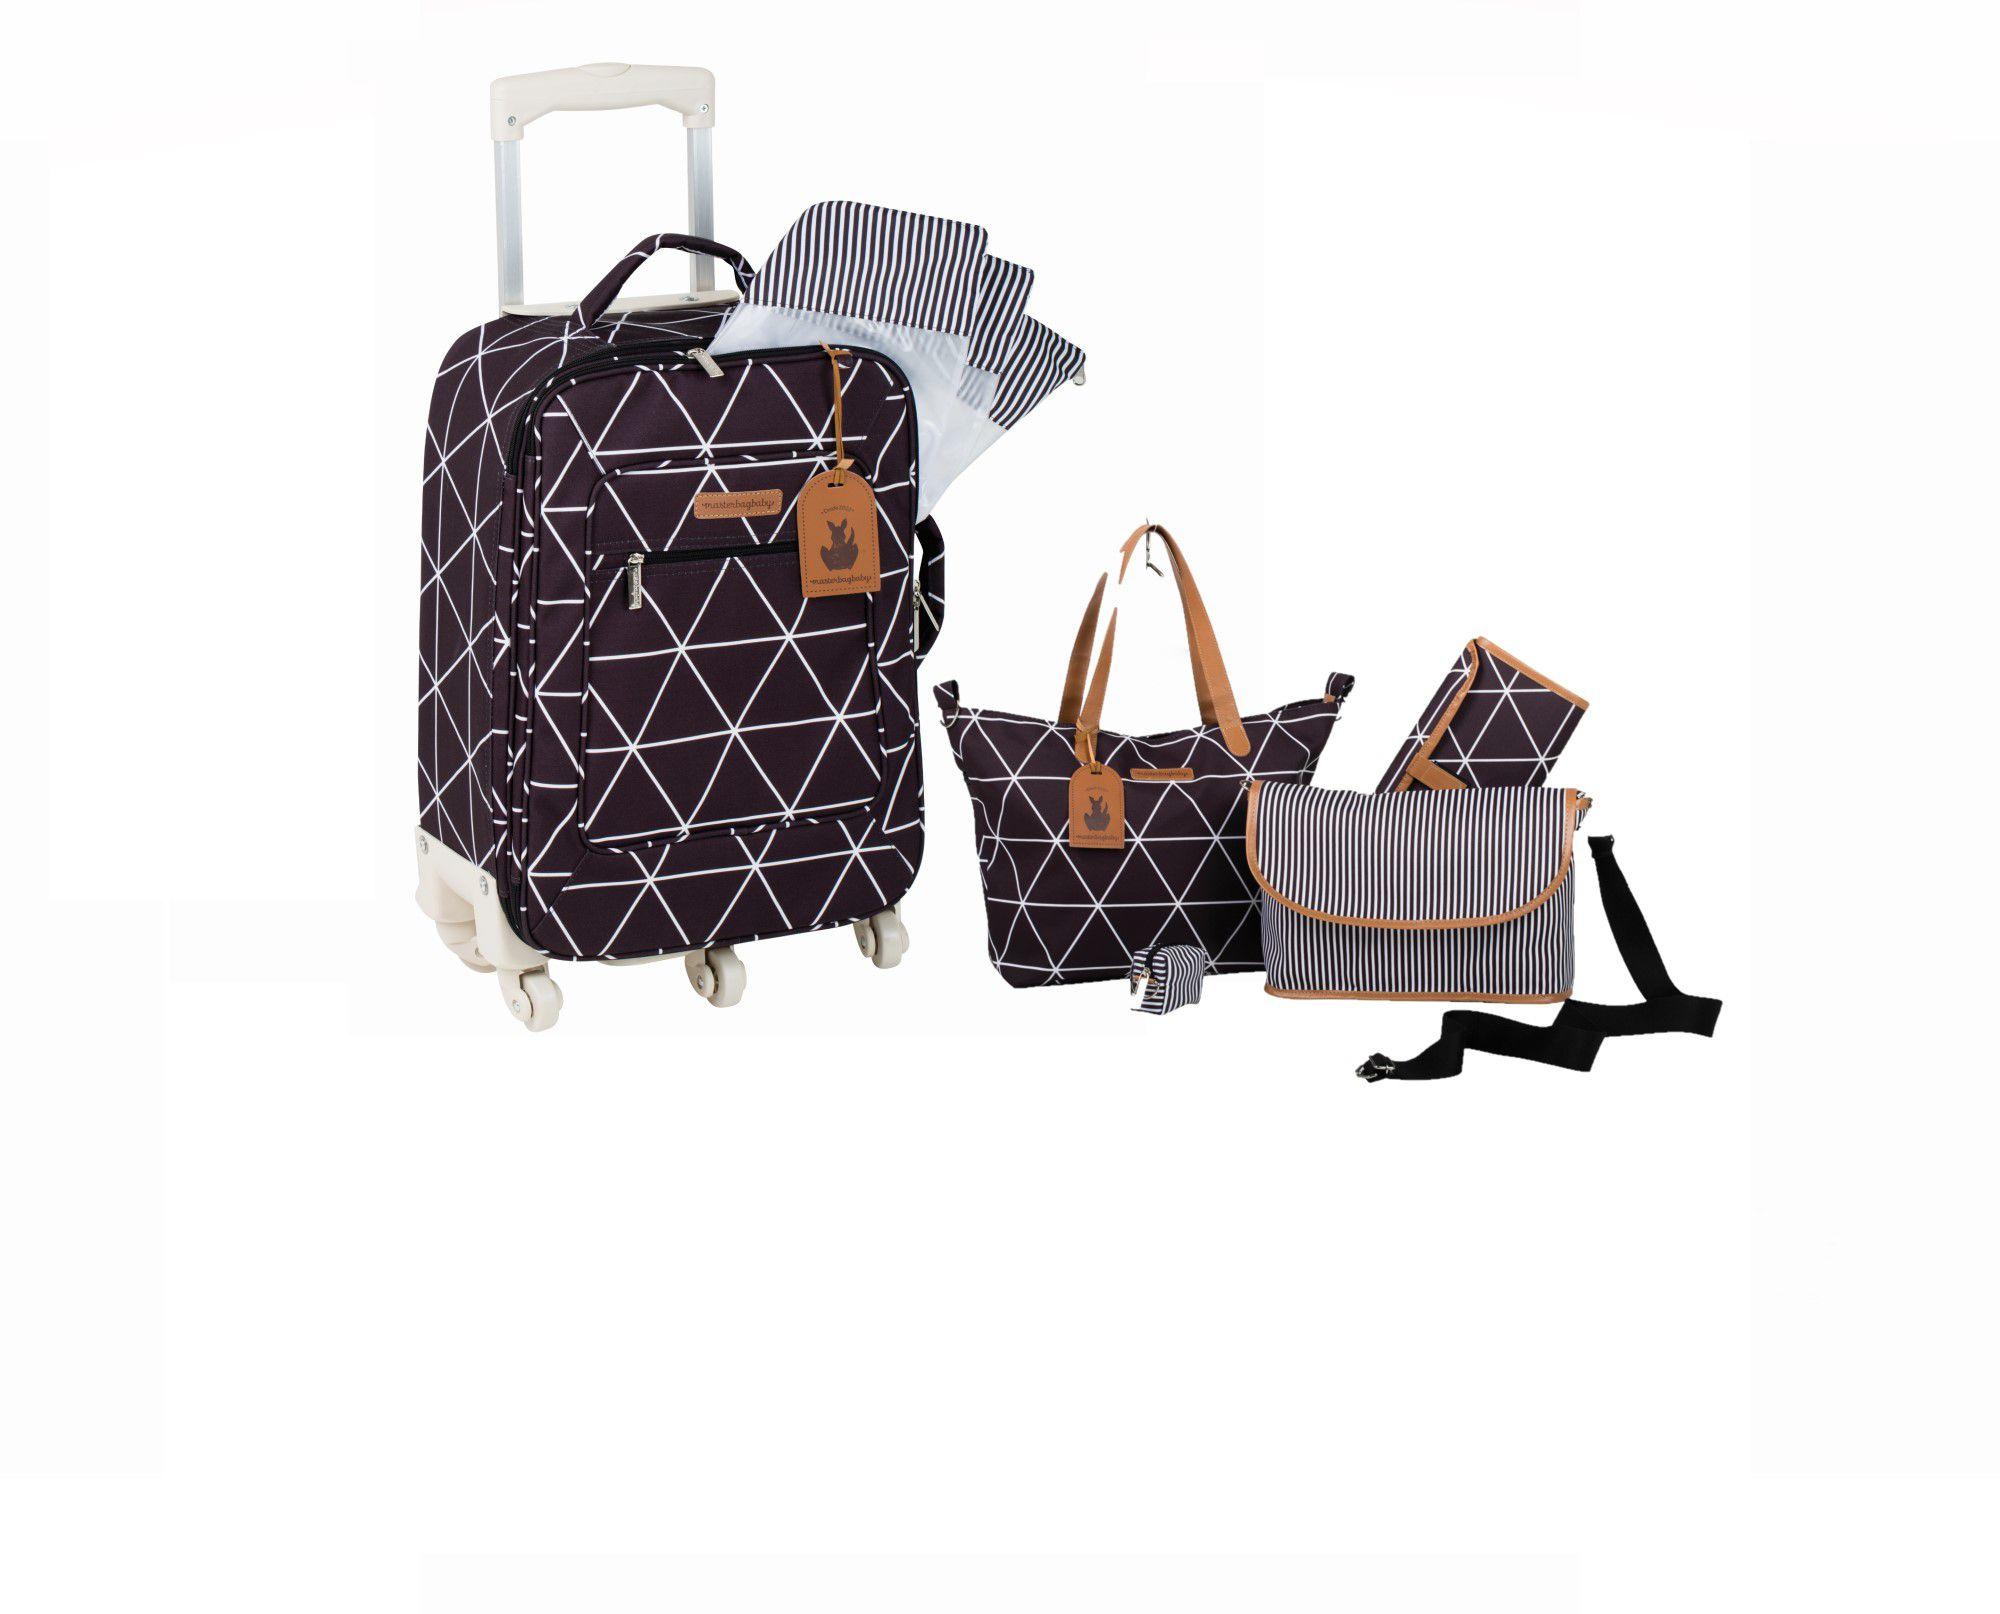 Kit bolsa maternidade Sofia 4x1 e Mala de rodinha preta Manhattan - Masterbag Baby